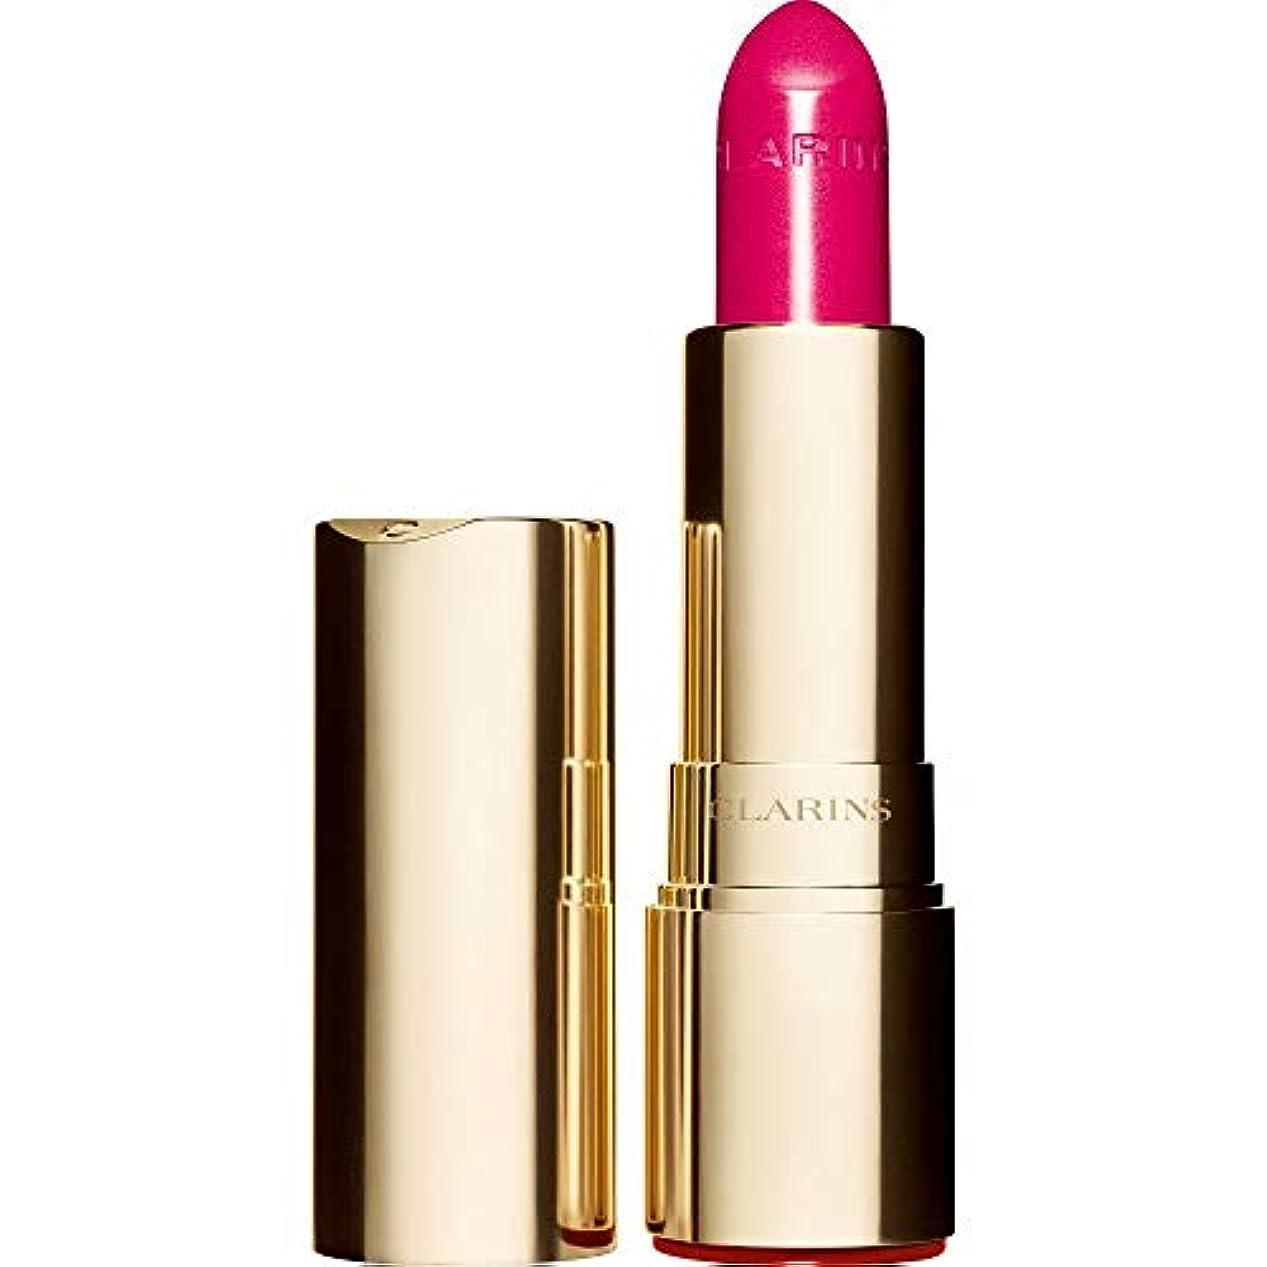 素晴らしい月曜置くためにパック[Clarins ] クラランスジョリルージュブリリアント口紅3.5グラムの713S - ホットピンク - Clarins Joli Rouge Brillant Lipstick 3.5g 713S - Hot Pink...